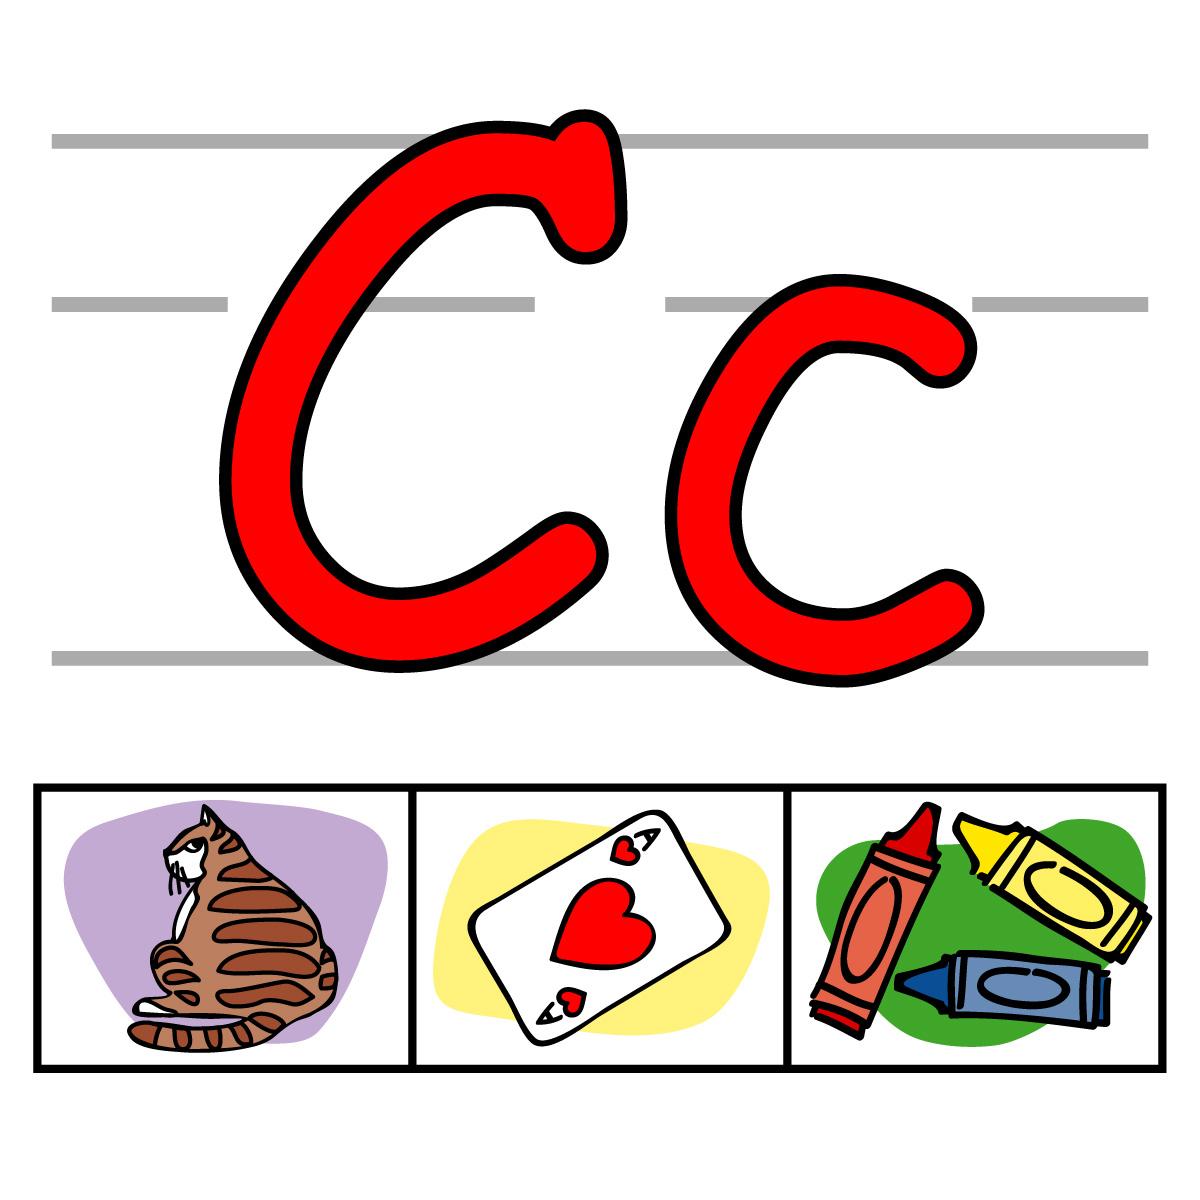 1200x1200 Image Of Alphabet Letter Clipart 9 Alphabet Letters Clip Art 2